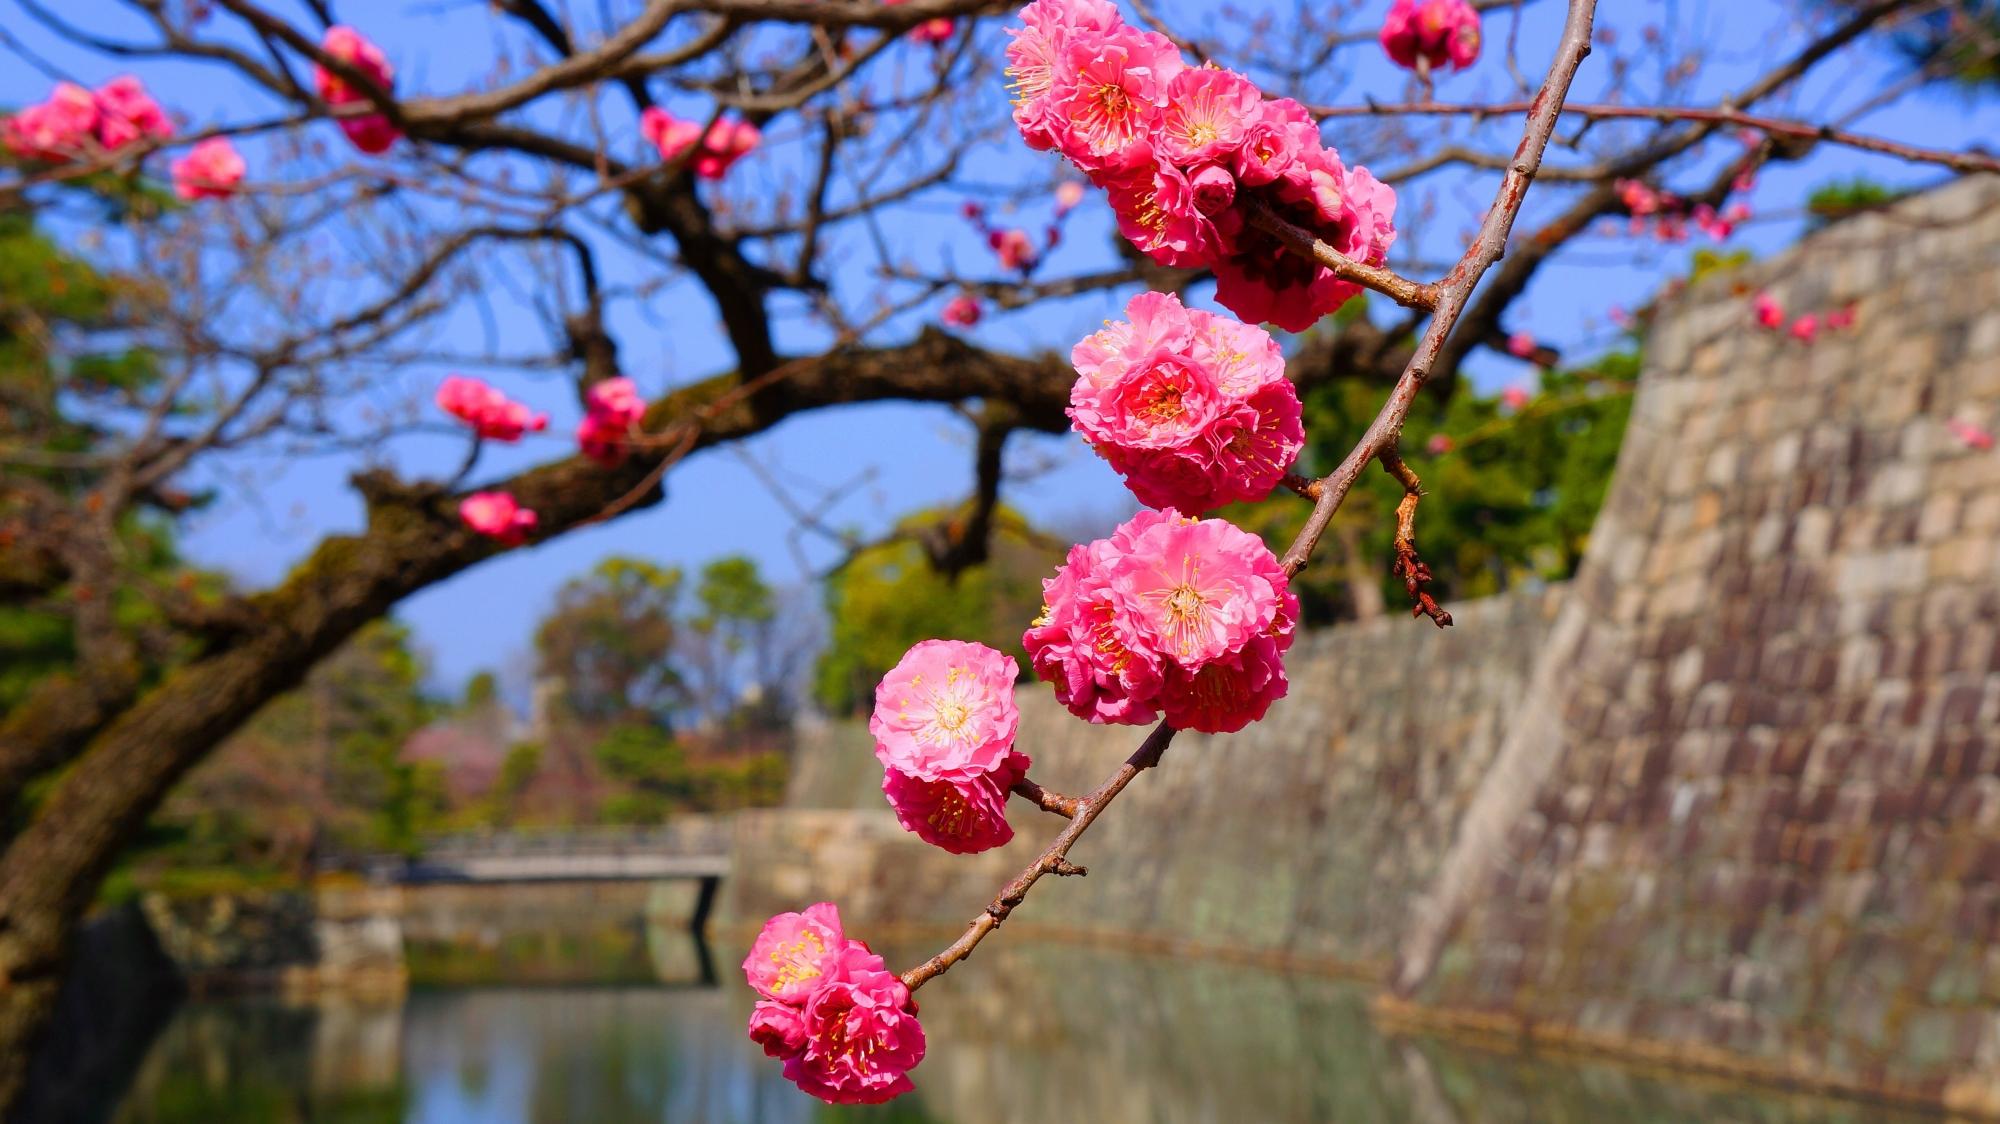 二条城の絵になる梅の花